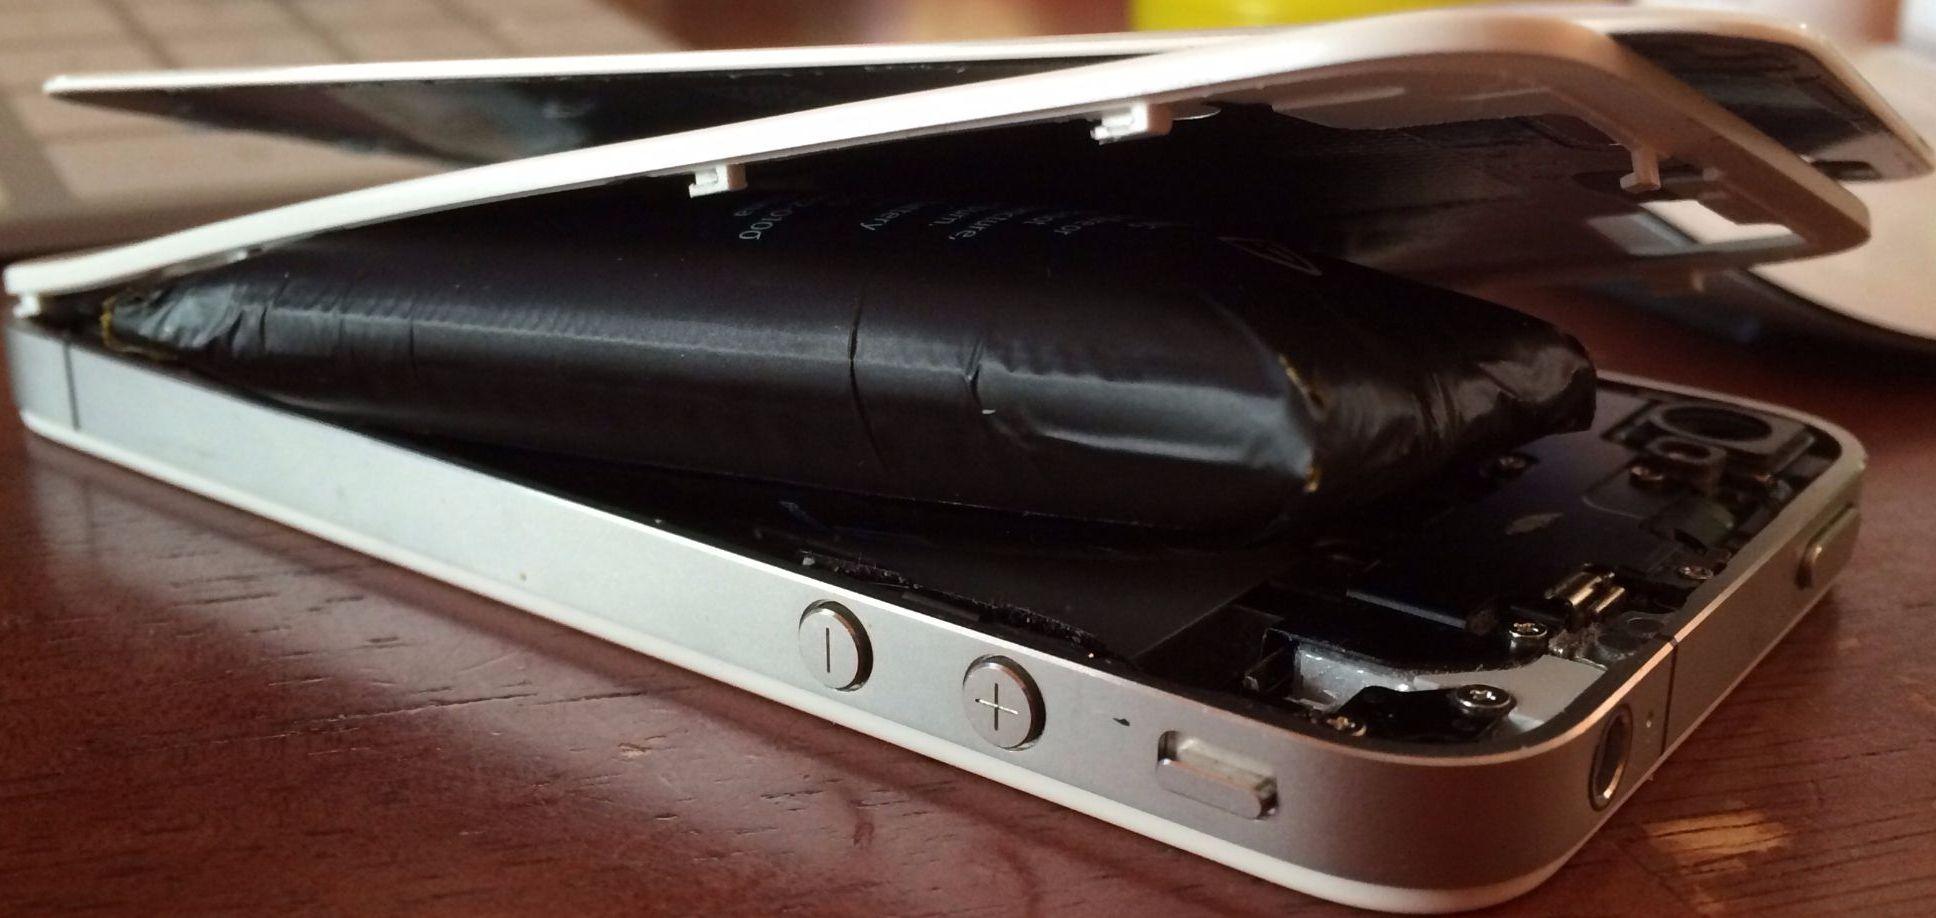 Sprawdź stan zużycia baterii w iPhone nim będzie za późno!